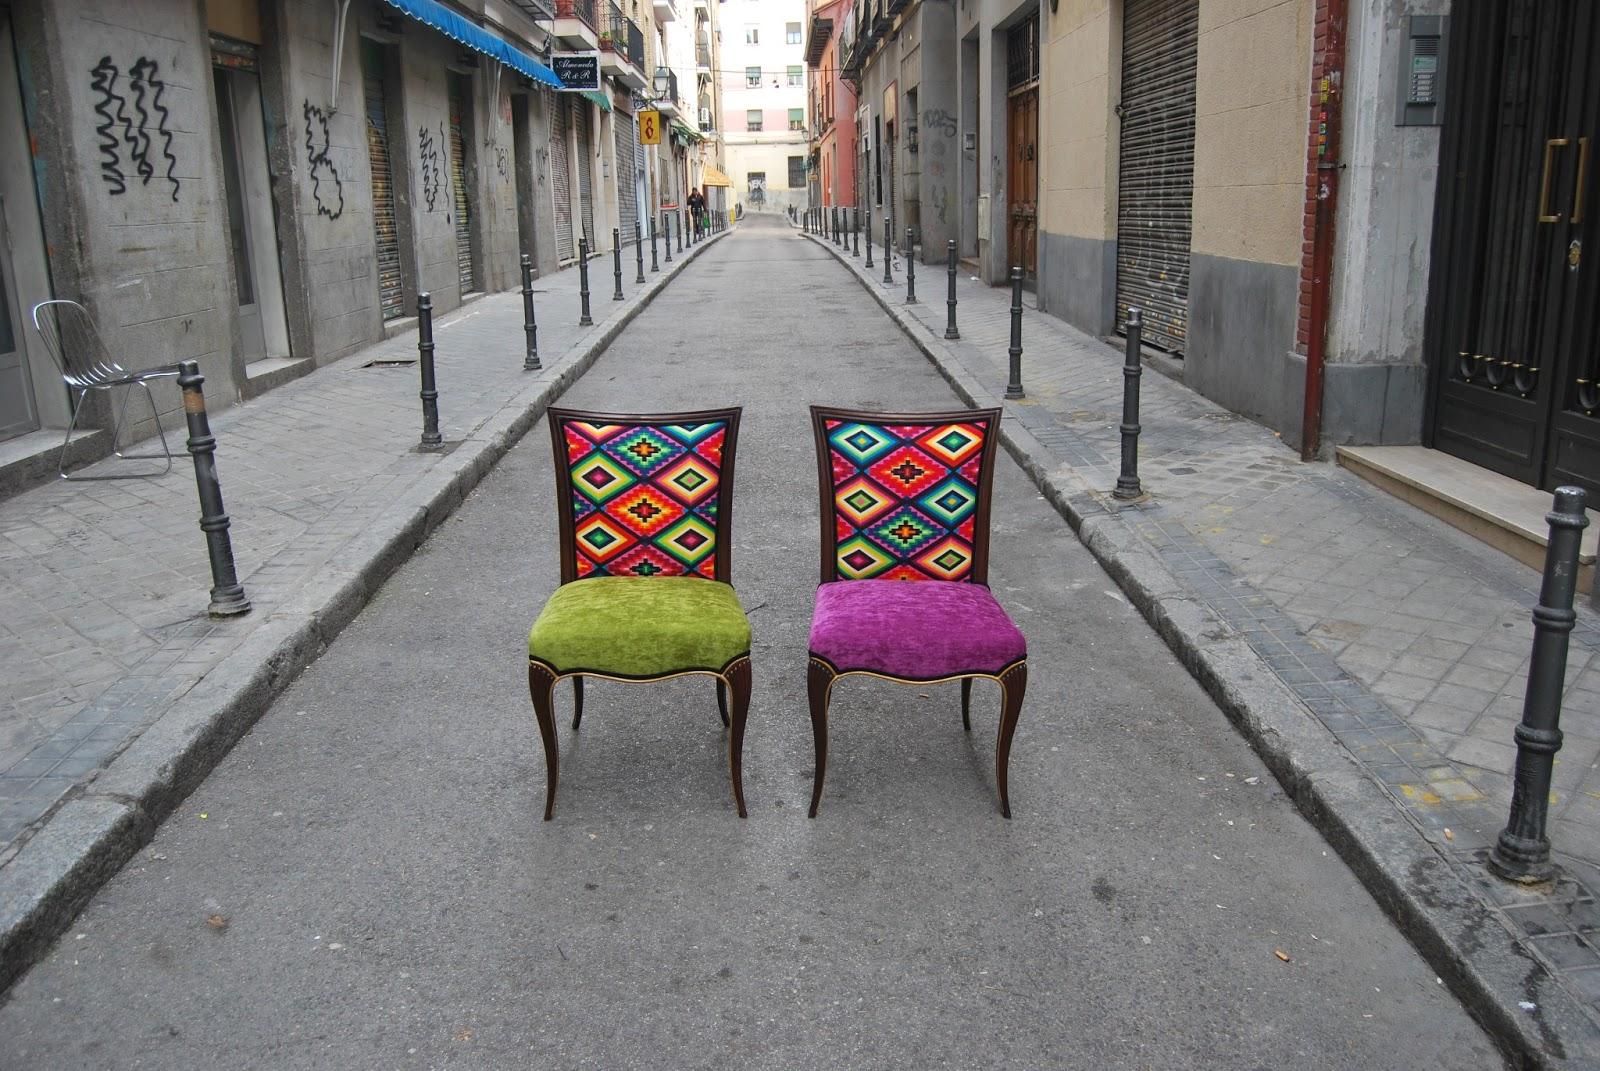 Sillas tapizadas con tela de motivos mejicanos la tapicera for Sillas con apoyabrazos tapizadas